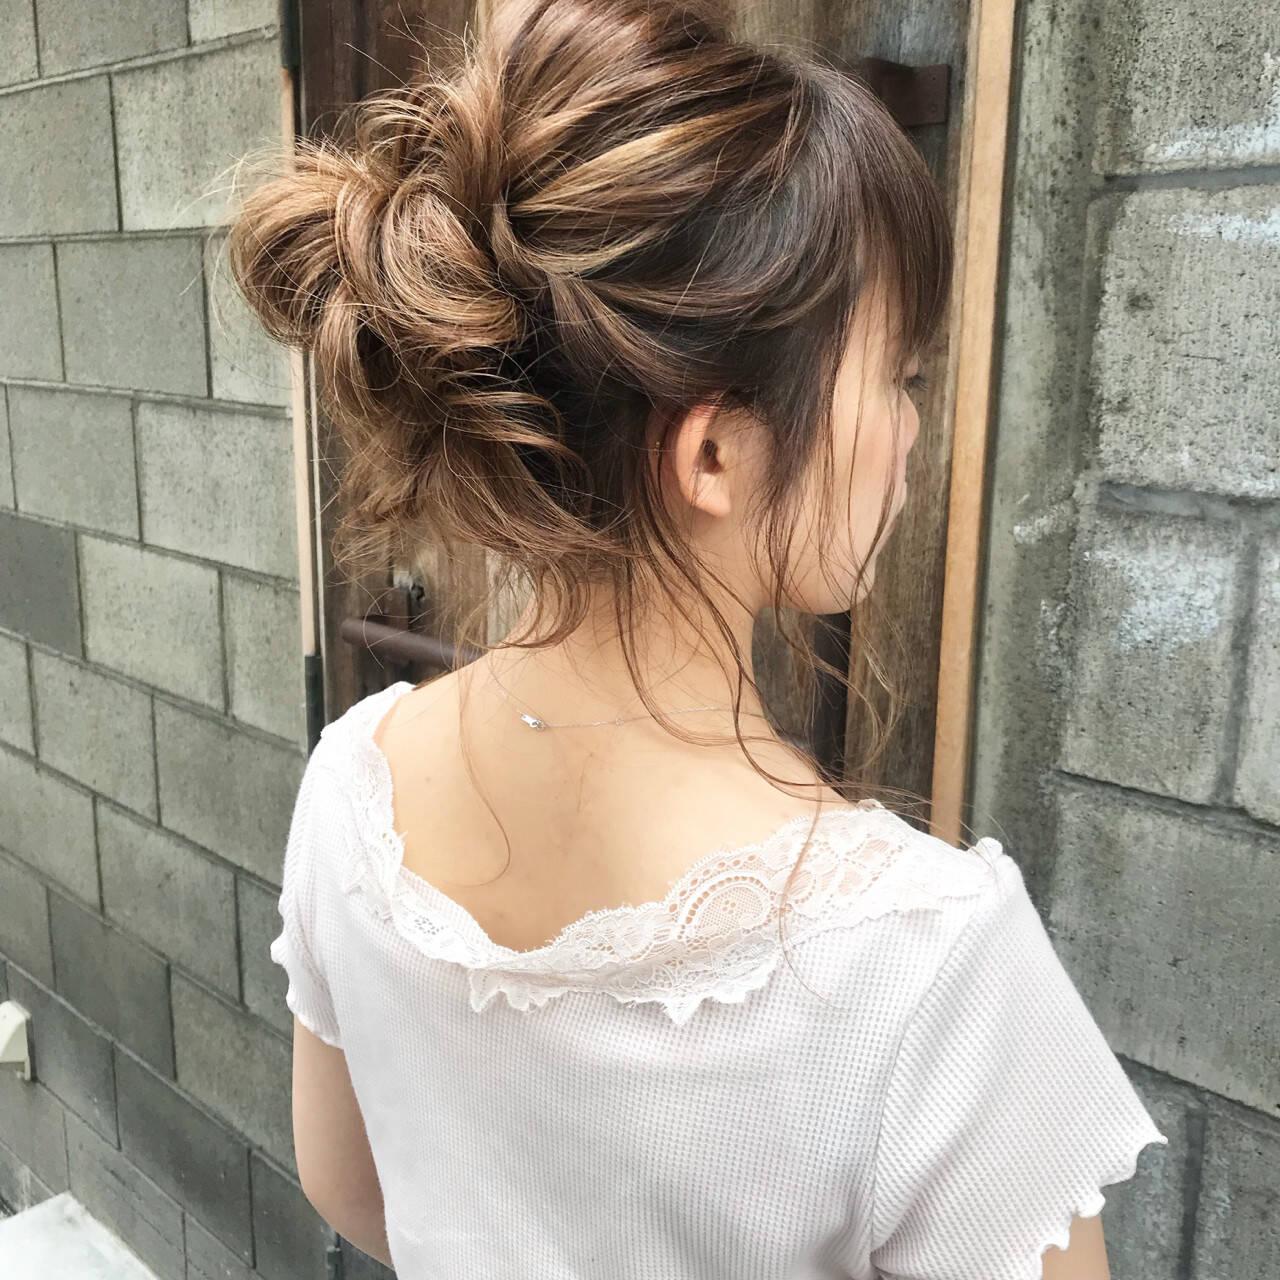 お団子 ヘアアレンジ セミロング 結婚式ヘアスタイルや髪型の写真・画像